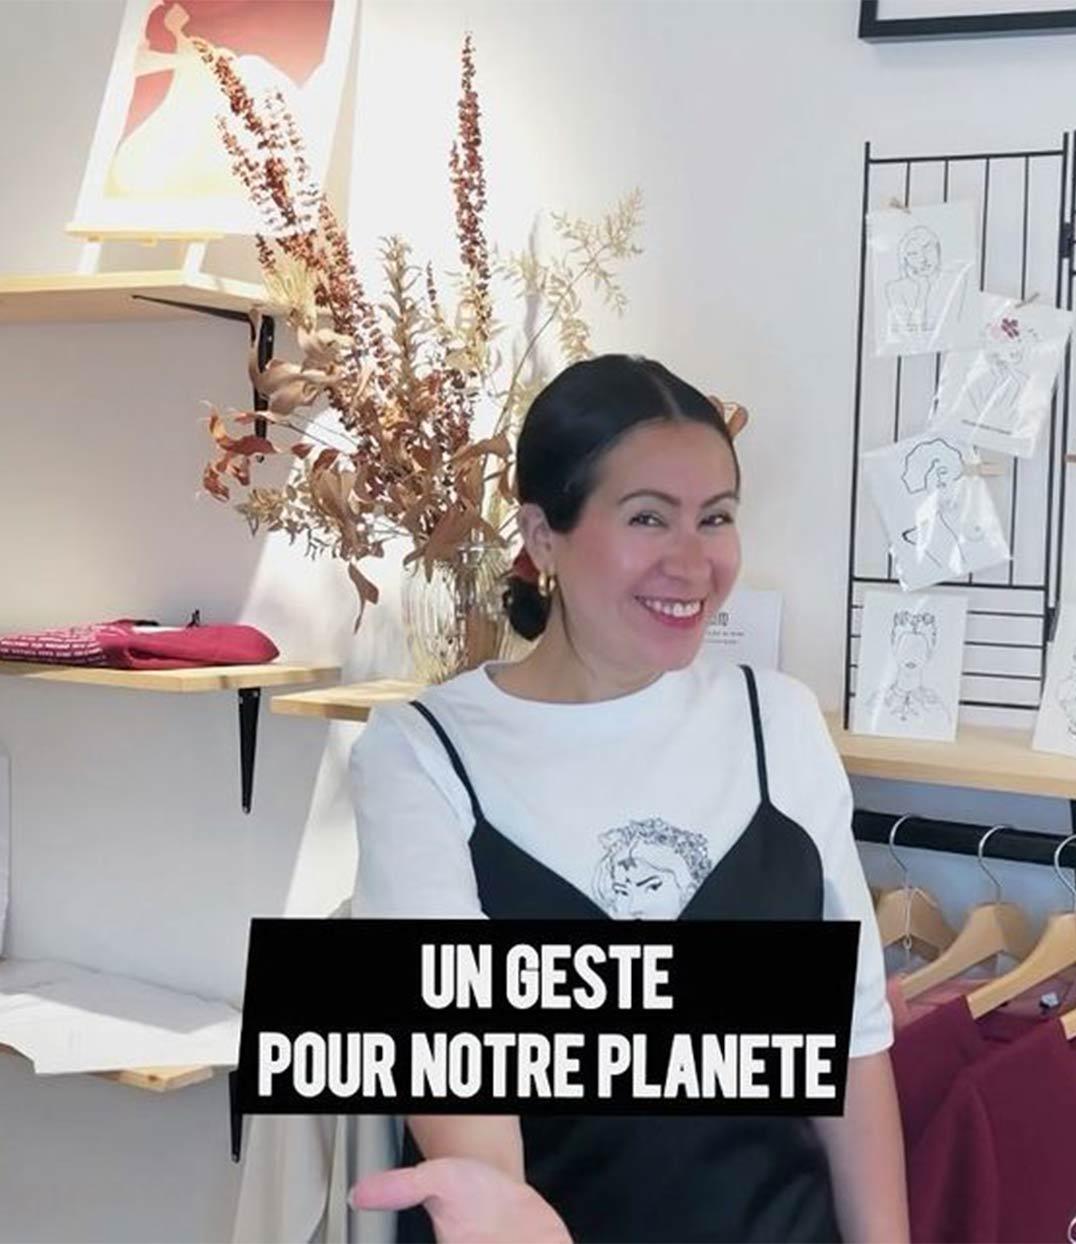 vidéo geste pour notre planete écologie leonor roversi